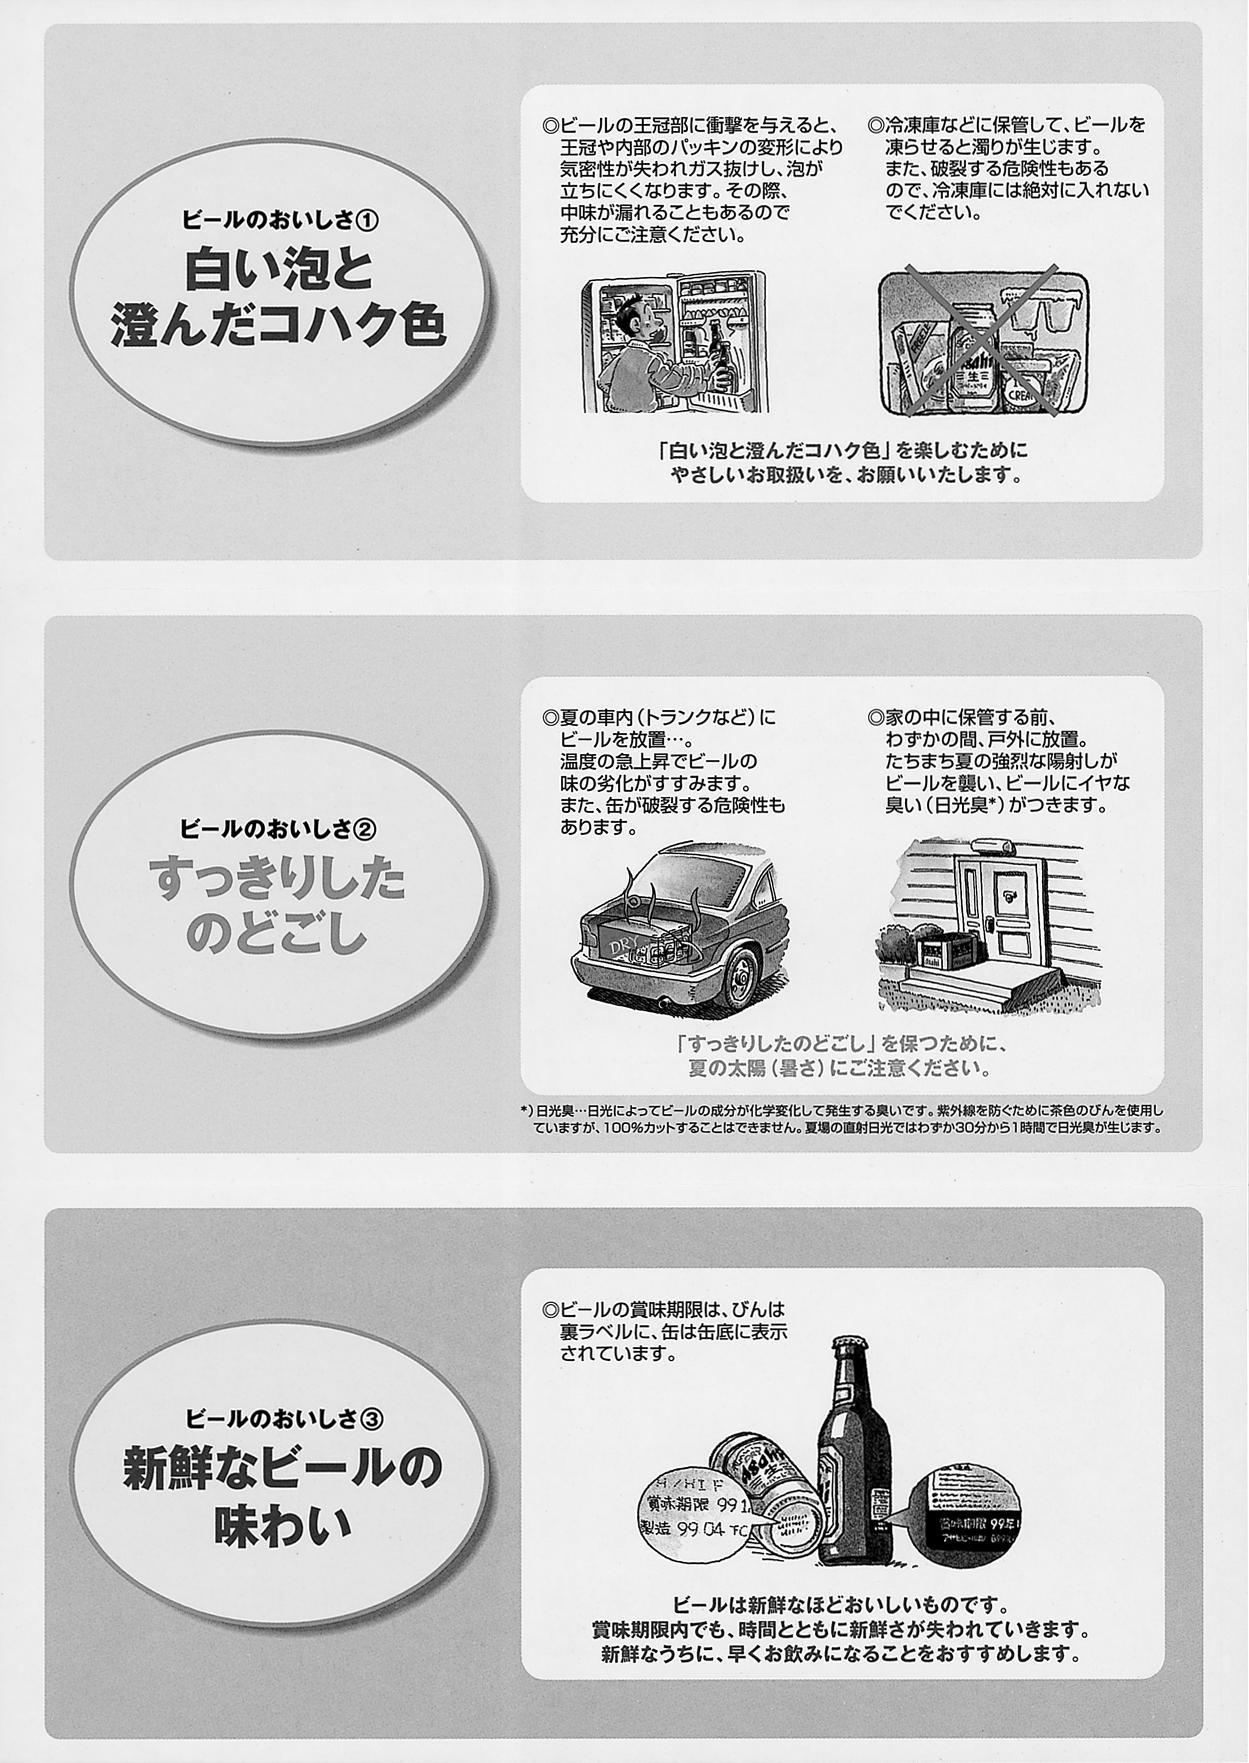 【資料1】お客様相談室が発行しているビールの取り扱いに関する啓発チラシ